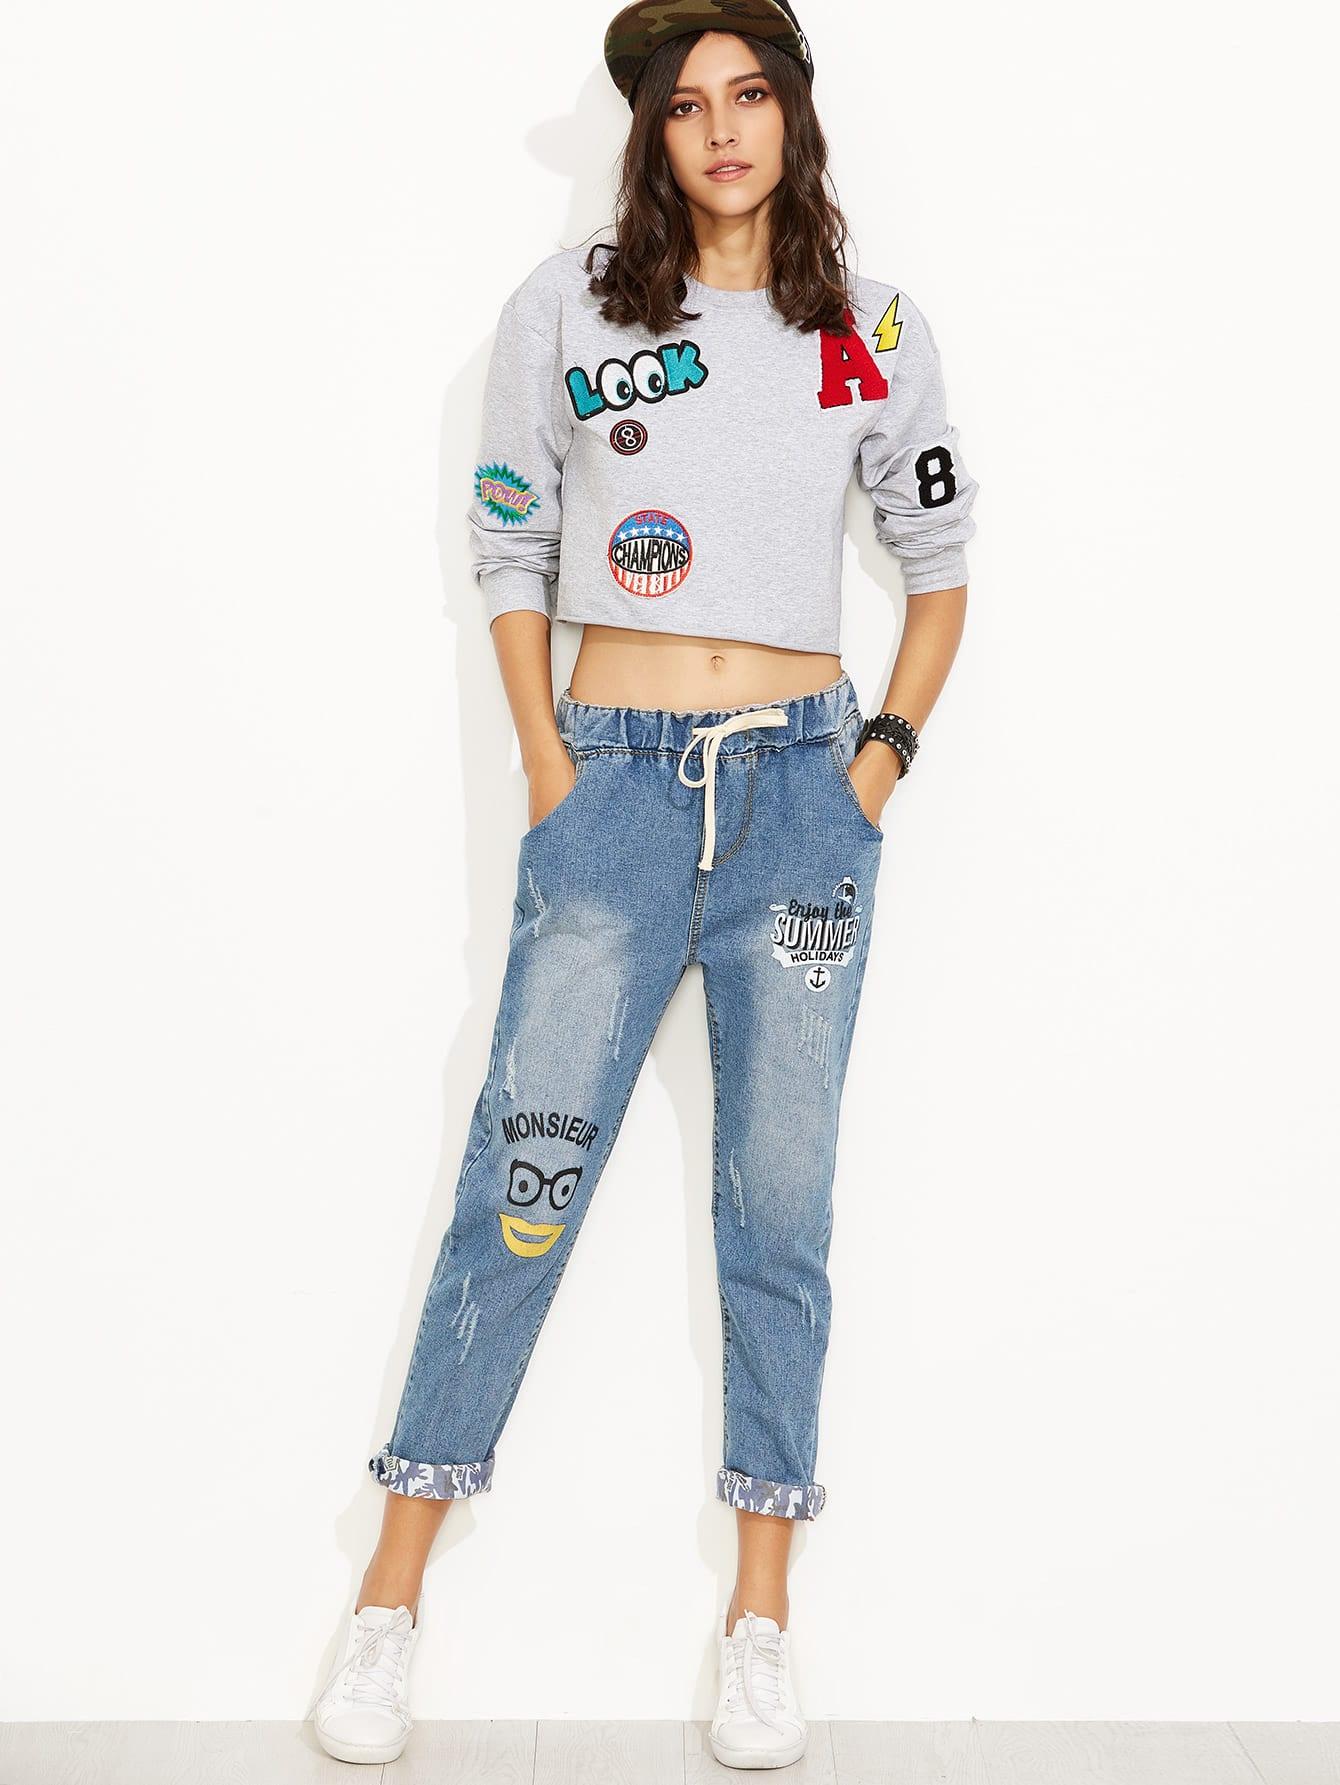 pants160811002_2